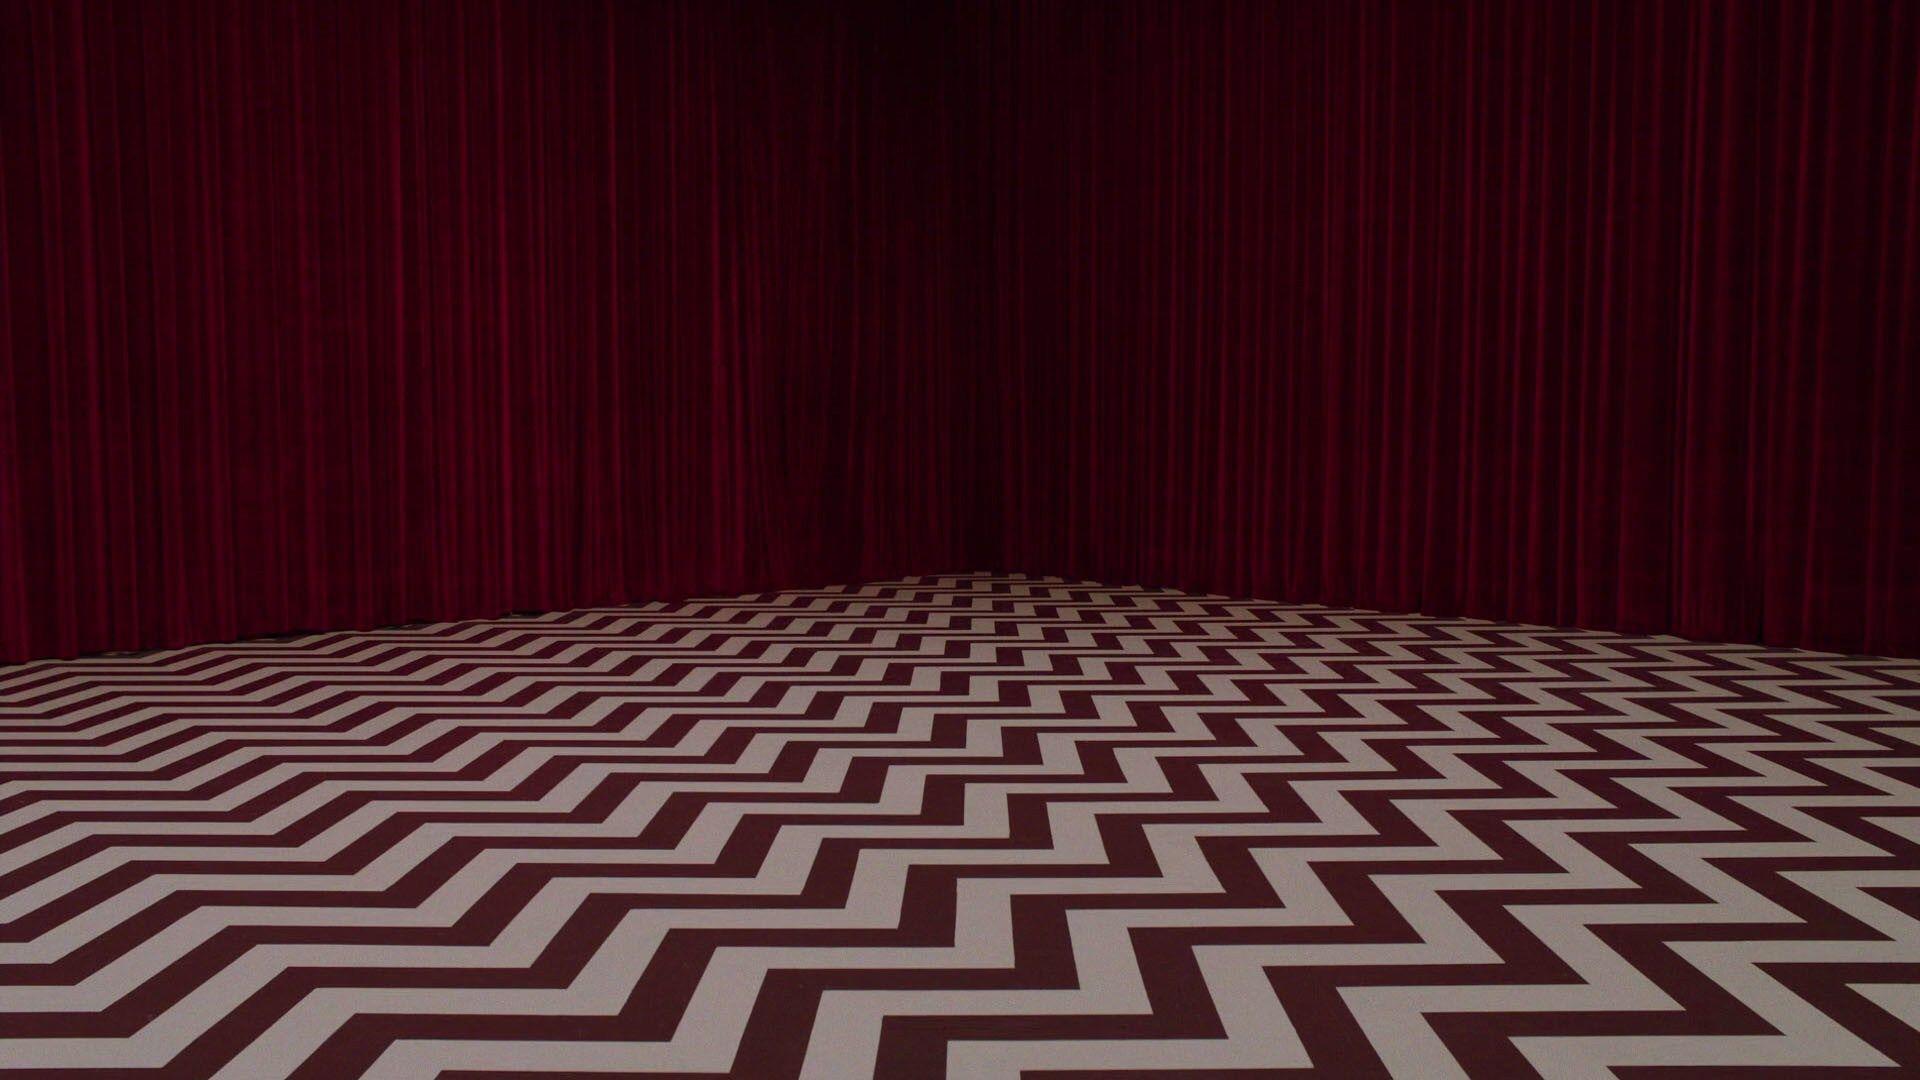 Twin Peaks Good Wallpaper